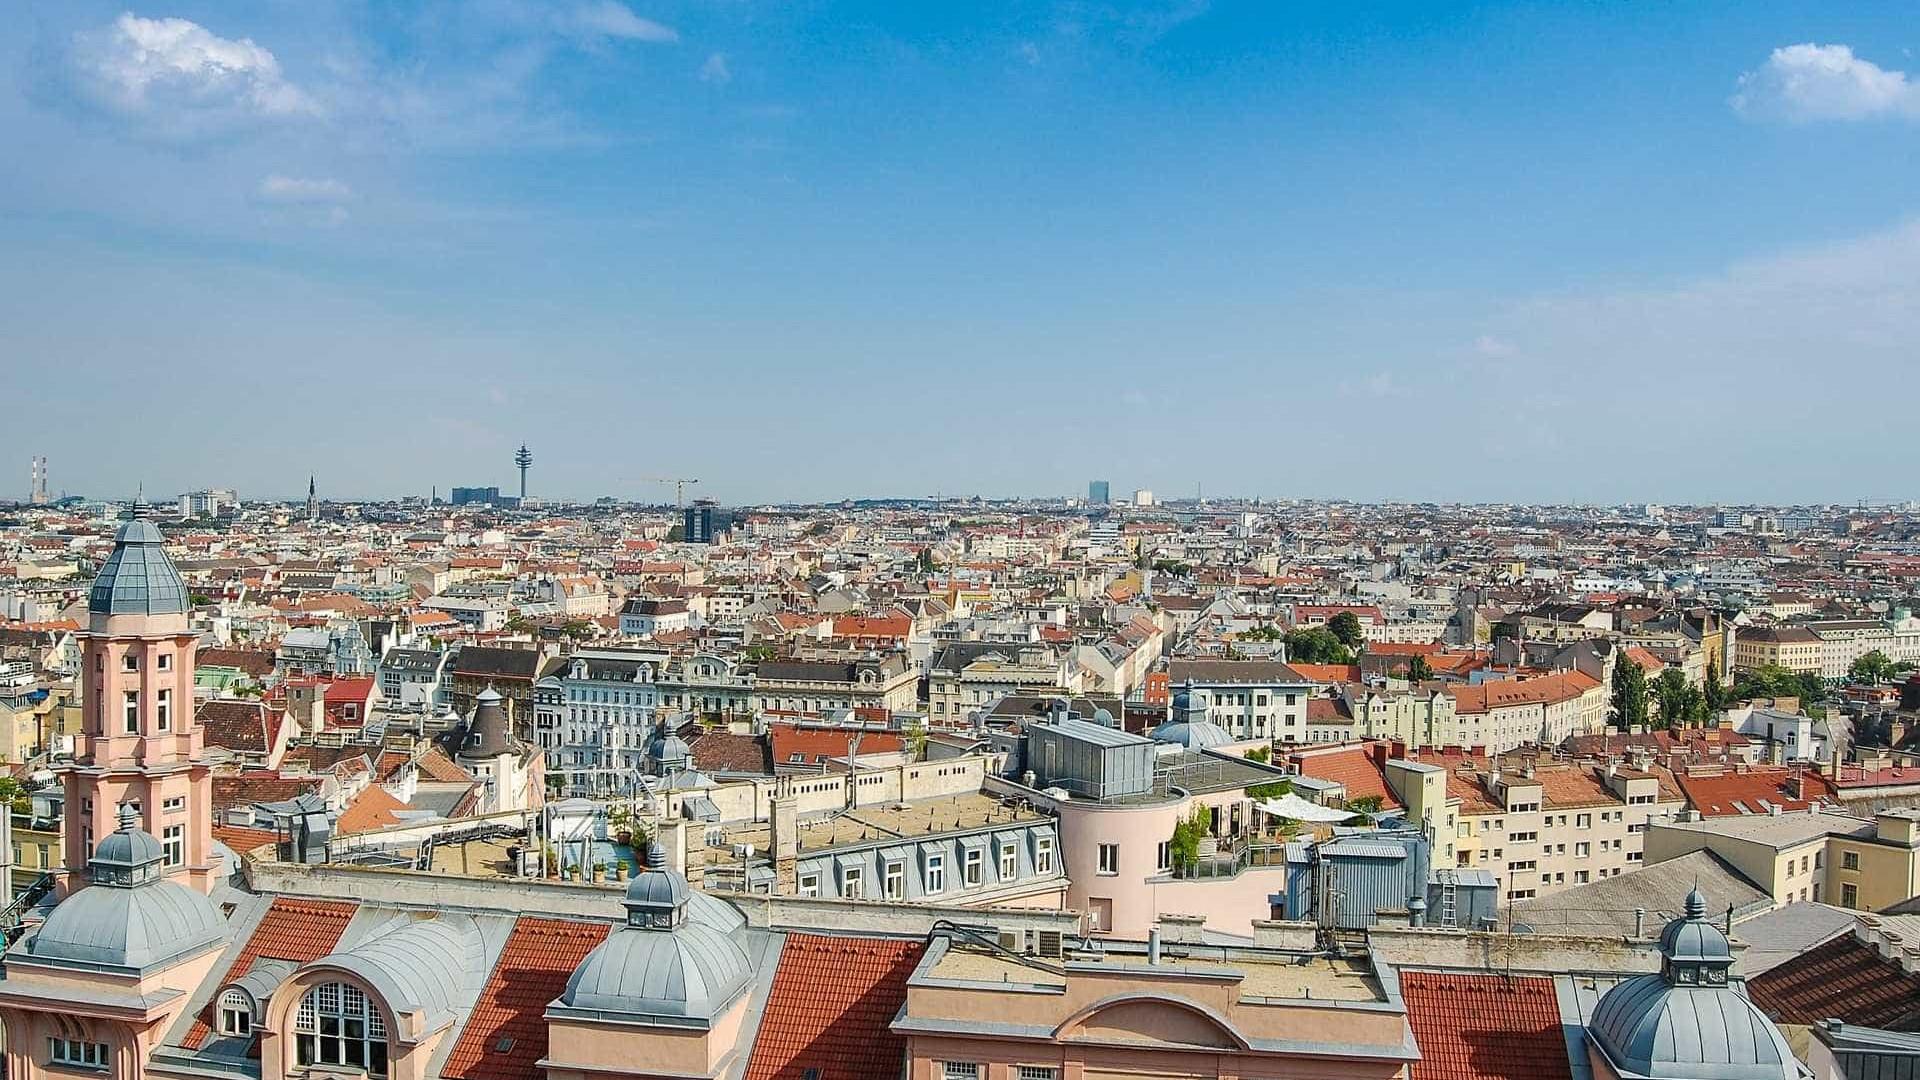 Com captações bilionárias e juro baixo, setor imobiliário se expande